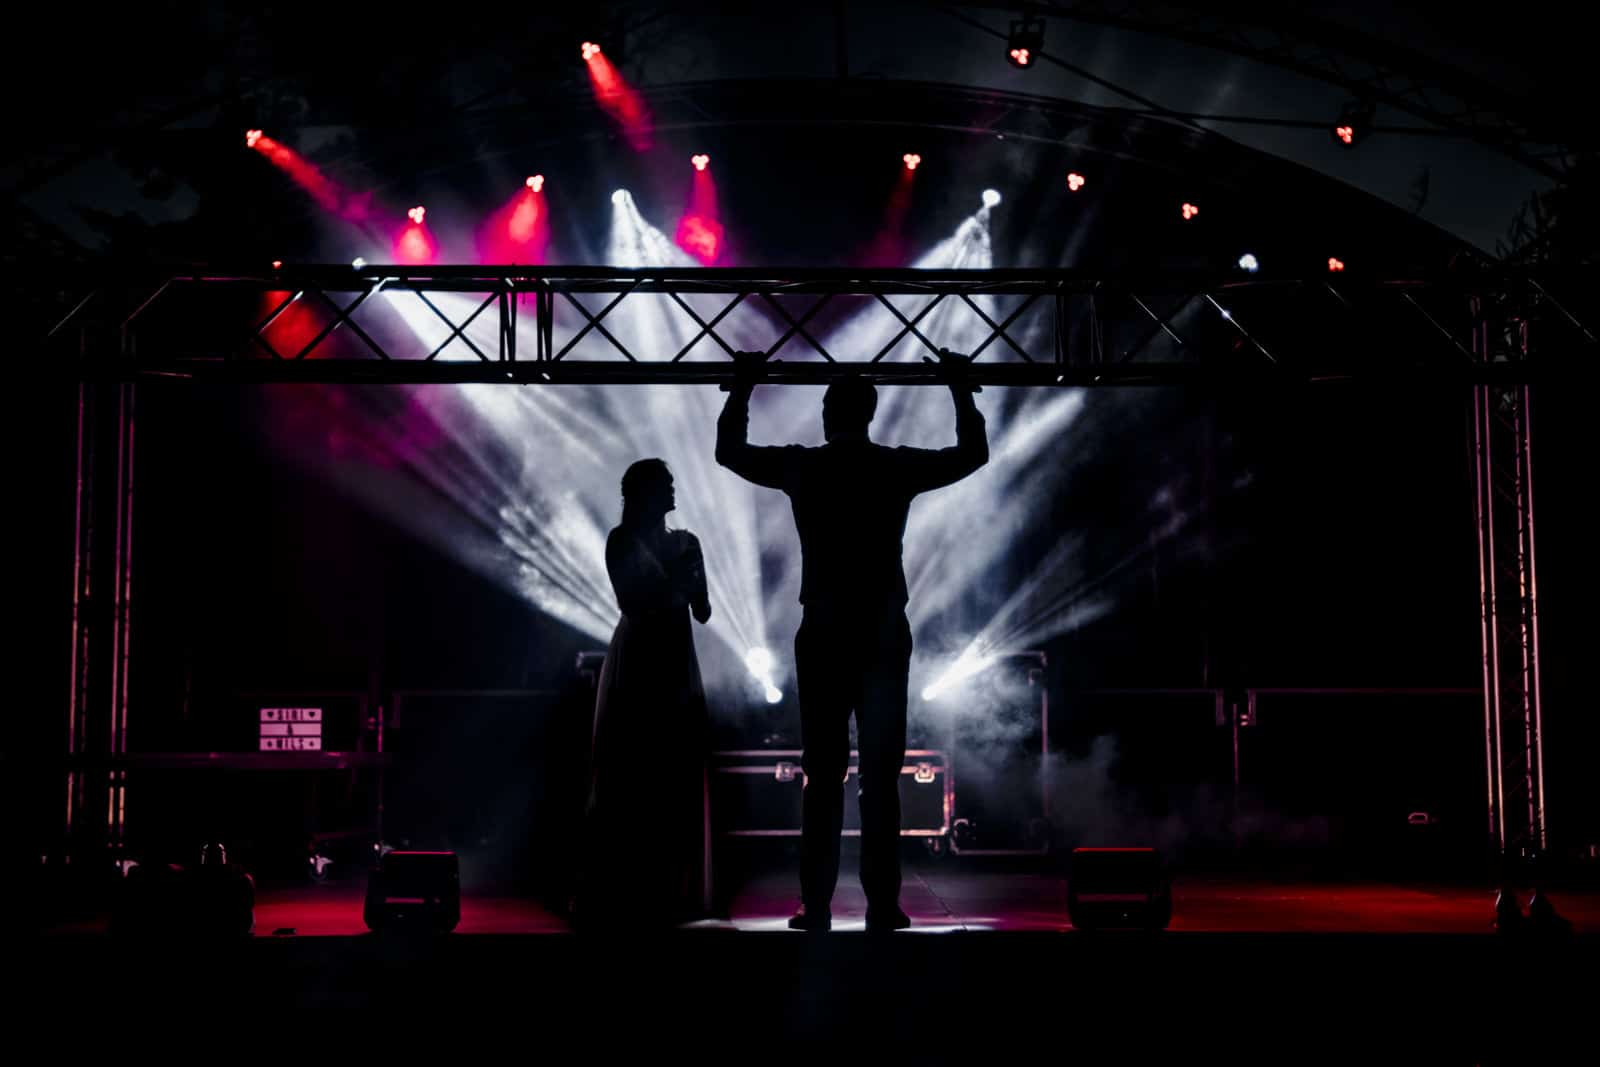 Bräutigam macht Klimmzug an Bühnentraverse und Braut schaut zu.